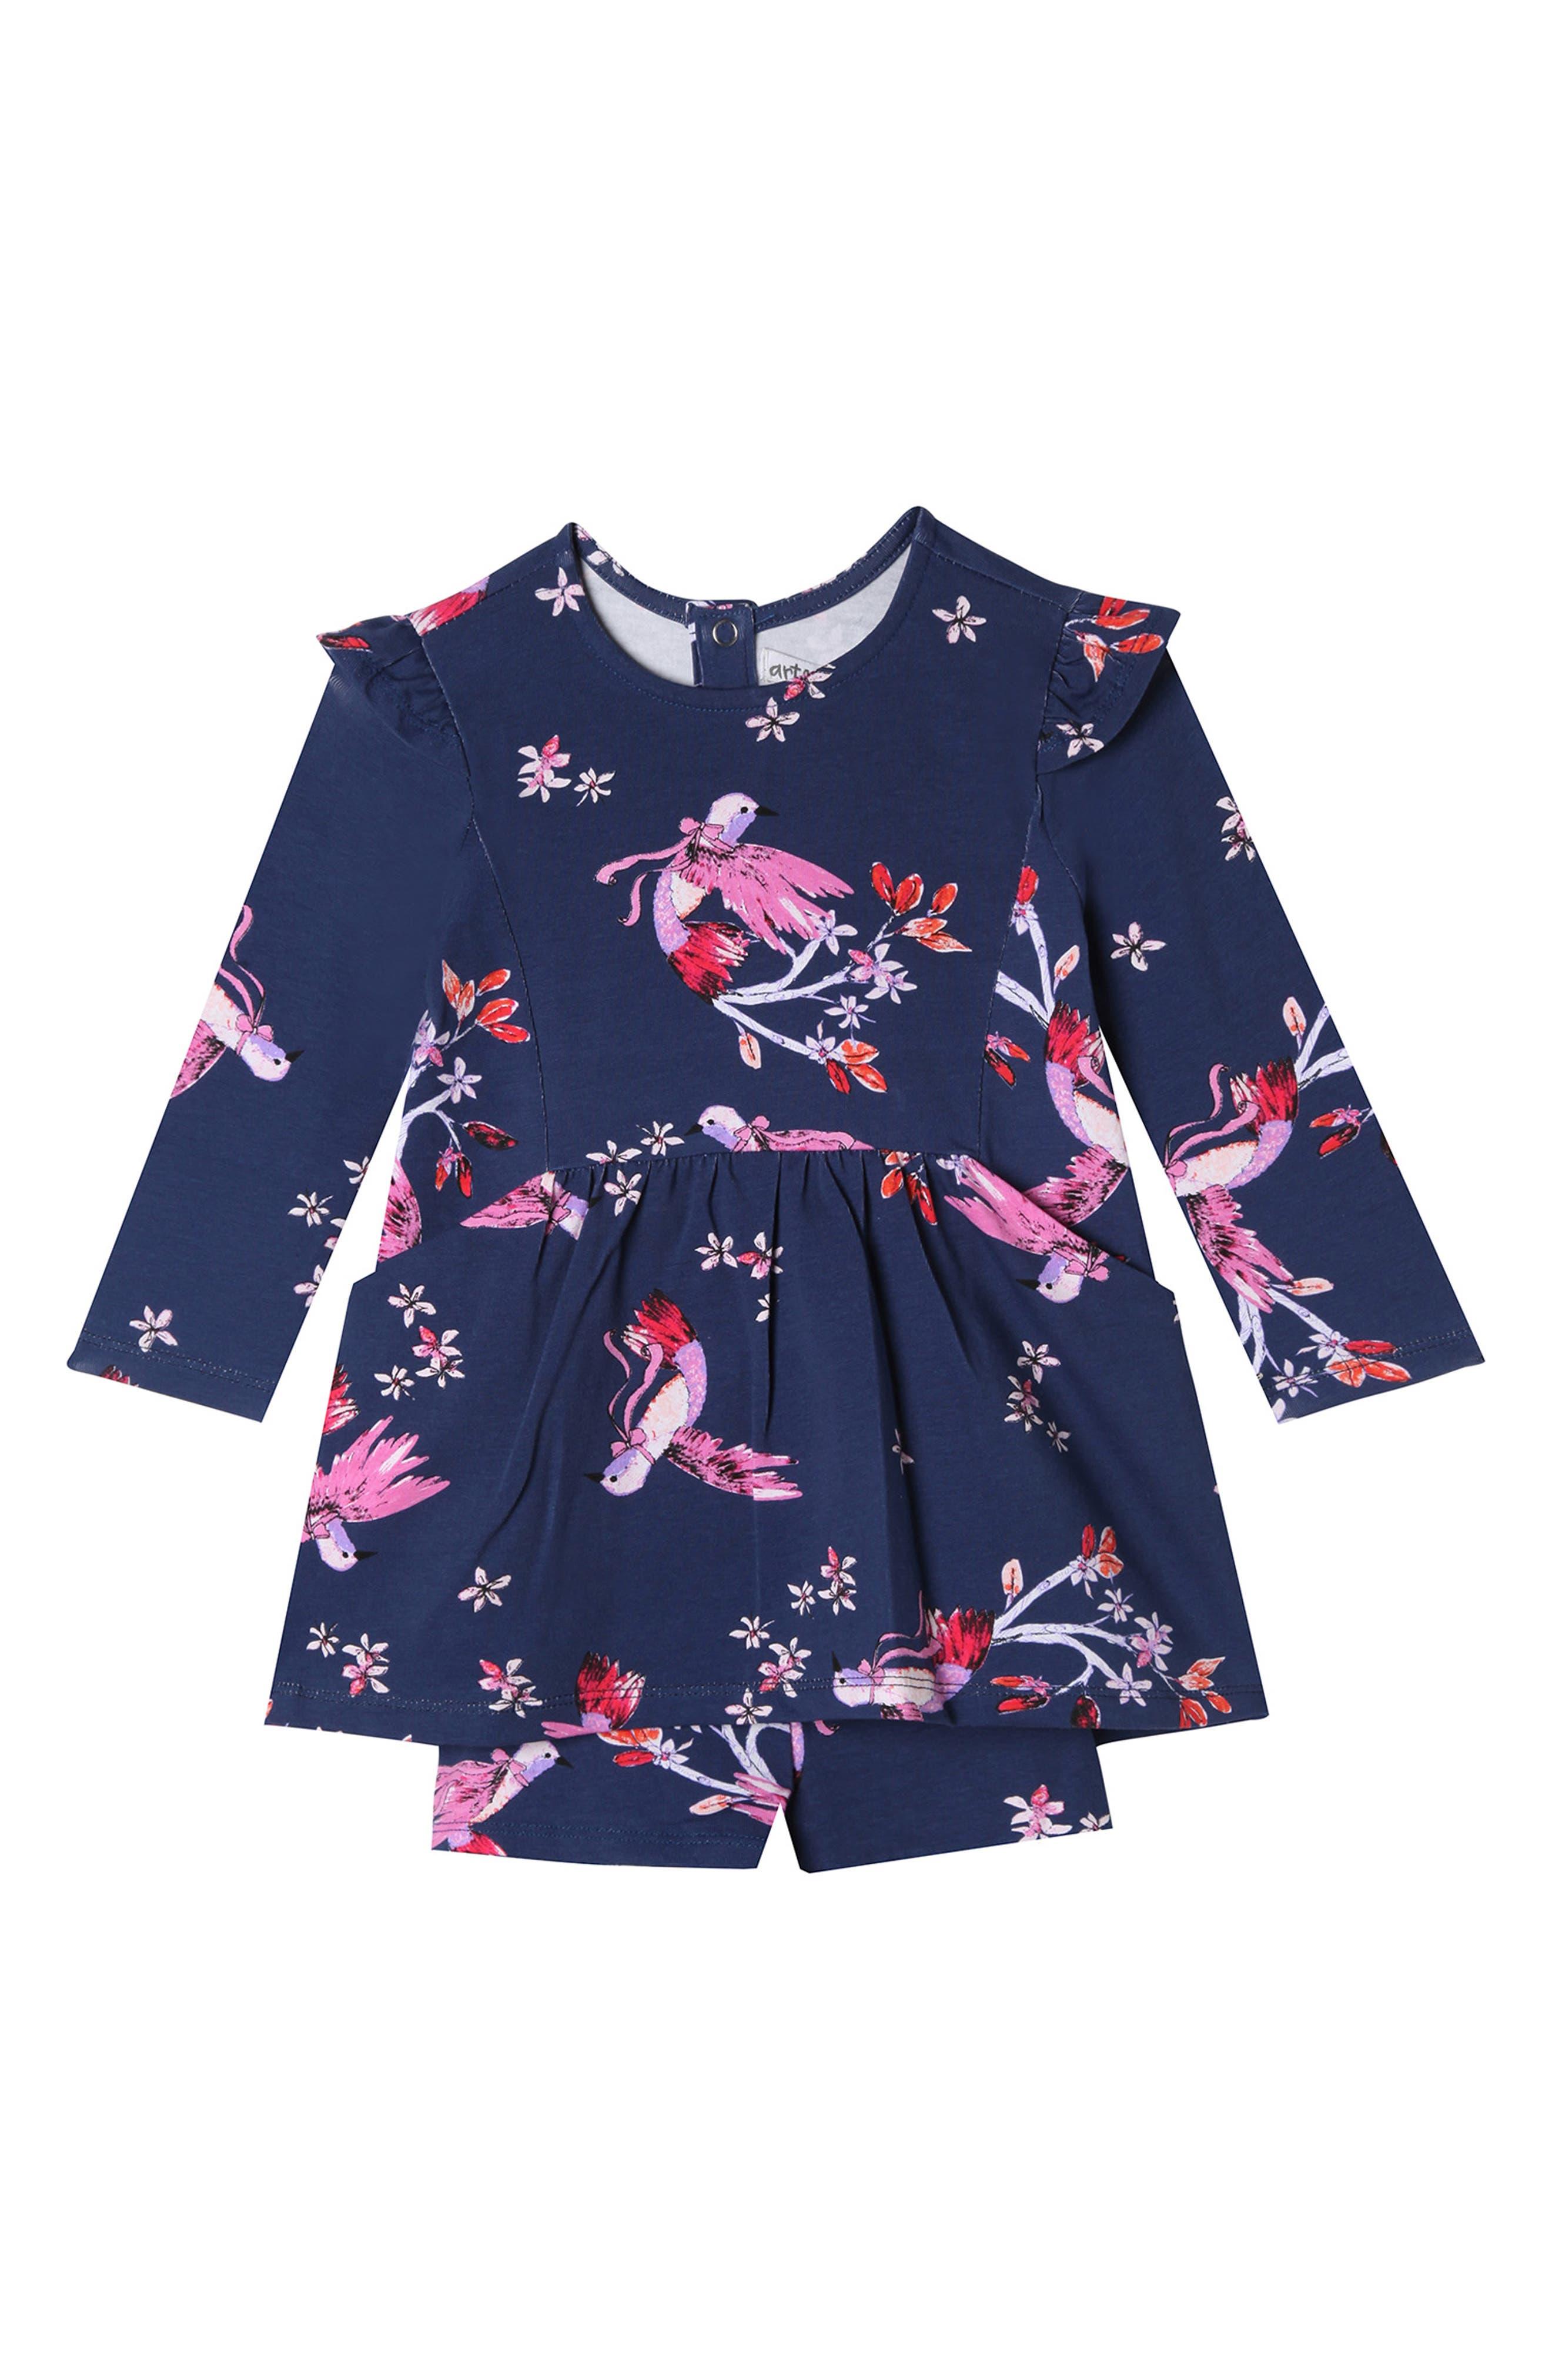 Leah Swallow Dress & Shorts Set,                             Main thumbnail 1, color,                             SWALLOW